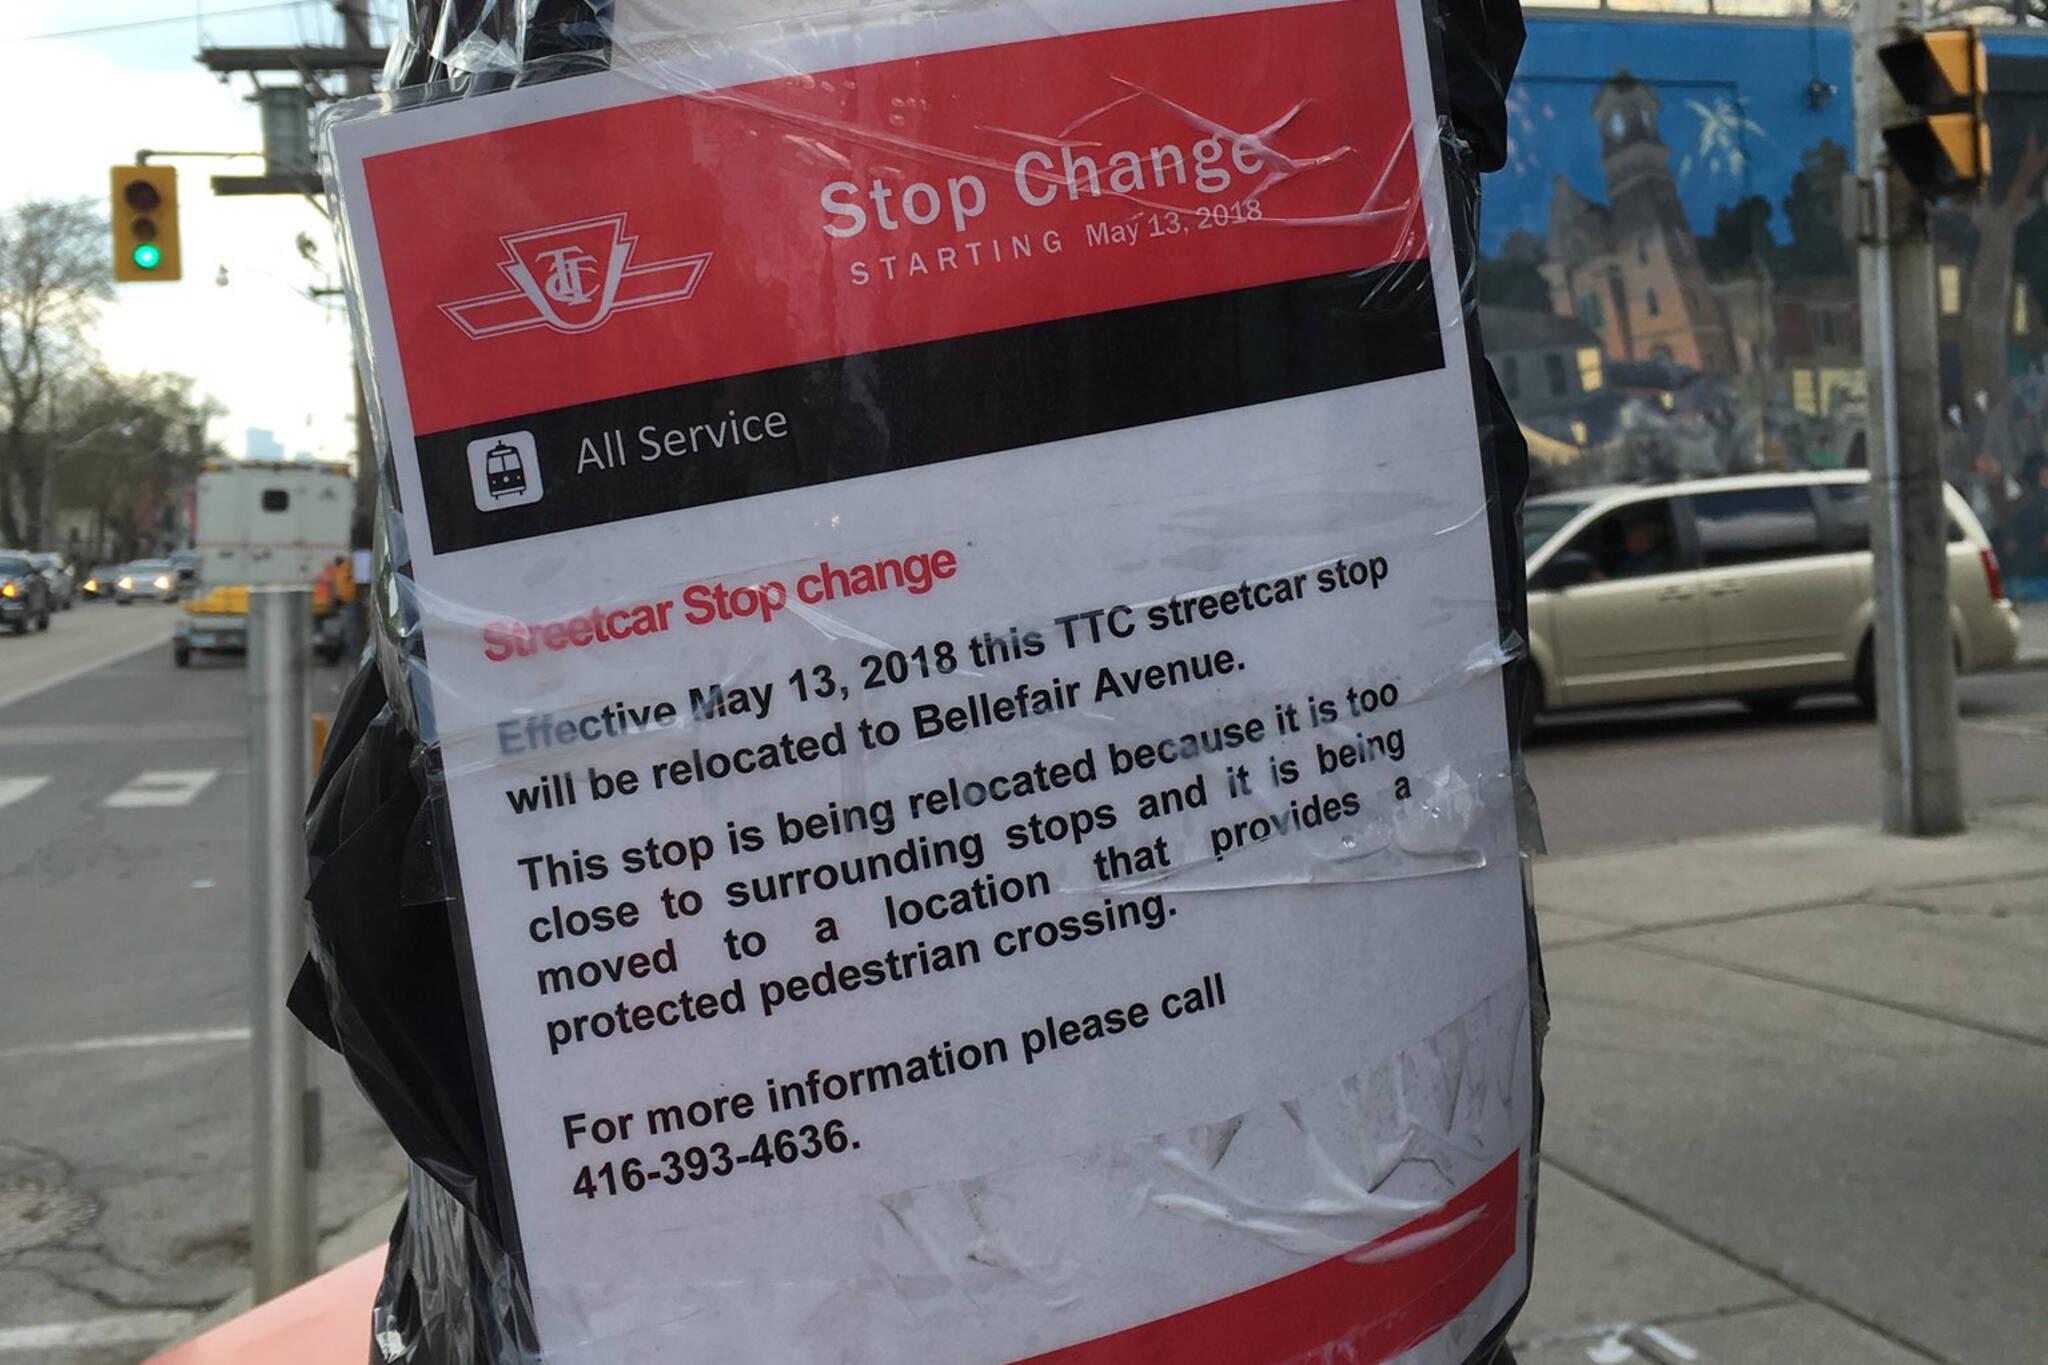 TTC stop changes